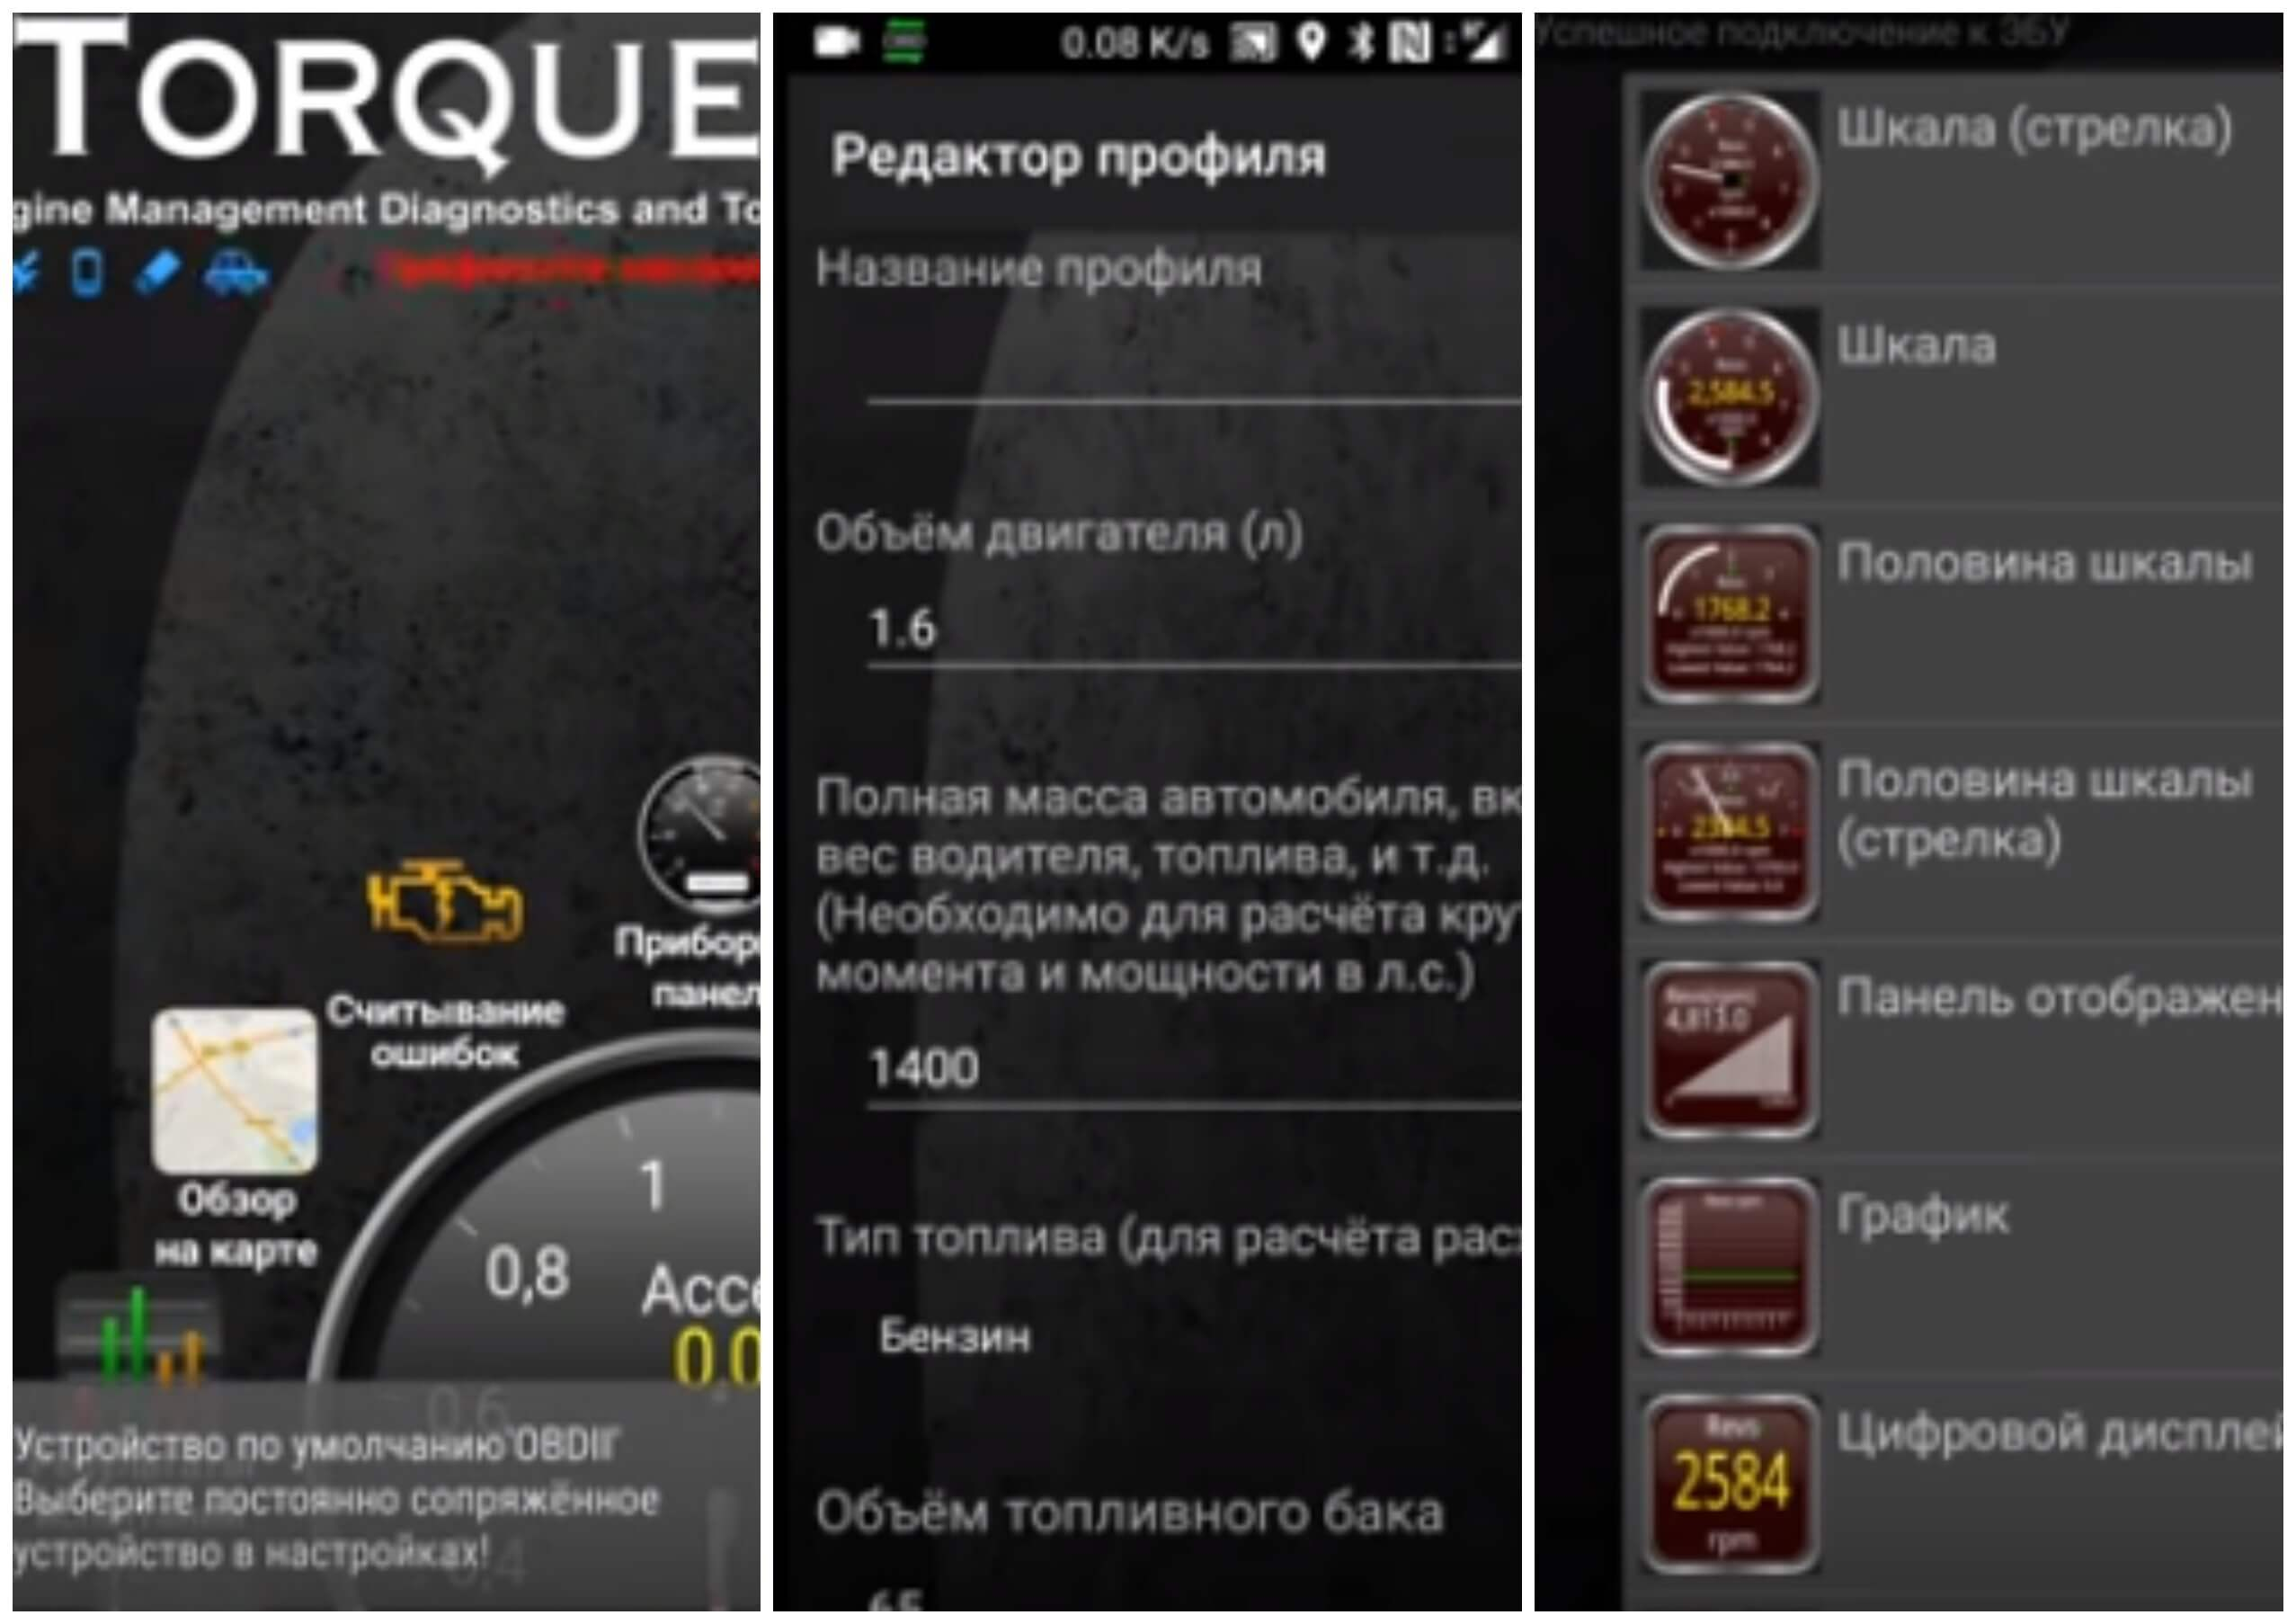 На фото изображено приложение для диагностики авто Torque.